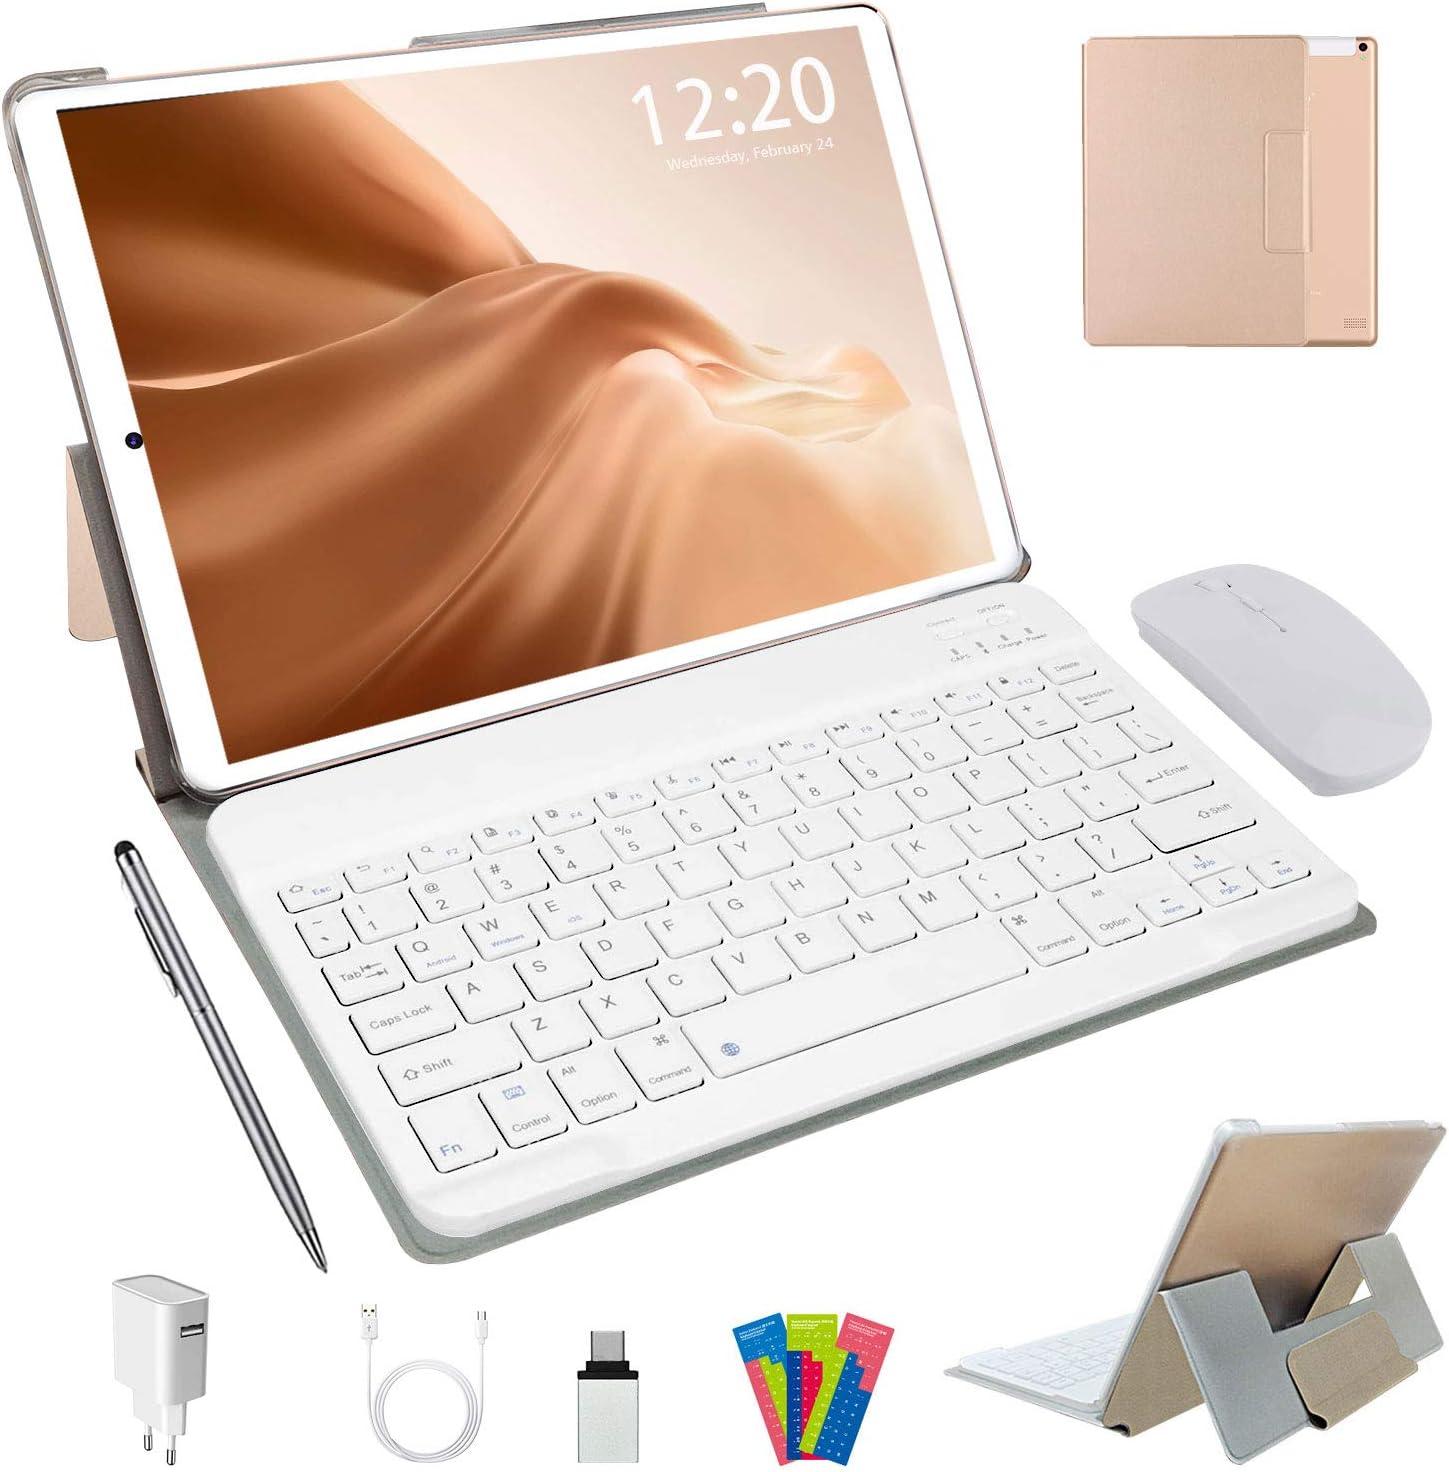 Tablet 10 Pulgadas Android 10.0, 4G LTE Tablets, 4GB de RAM y 64 GB/Scalabile a 128 GB, Dobles SIM, GPS, WiFi, 8000mAH,Teclado Bluetooth, Ratón, Funda para Tableta y Más Incluidos (Plata) (Dorado)